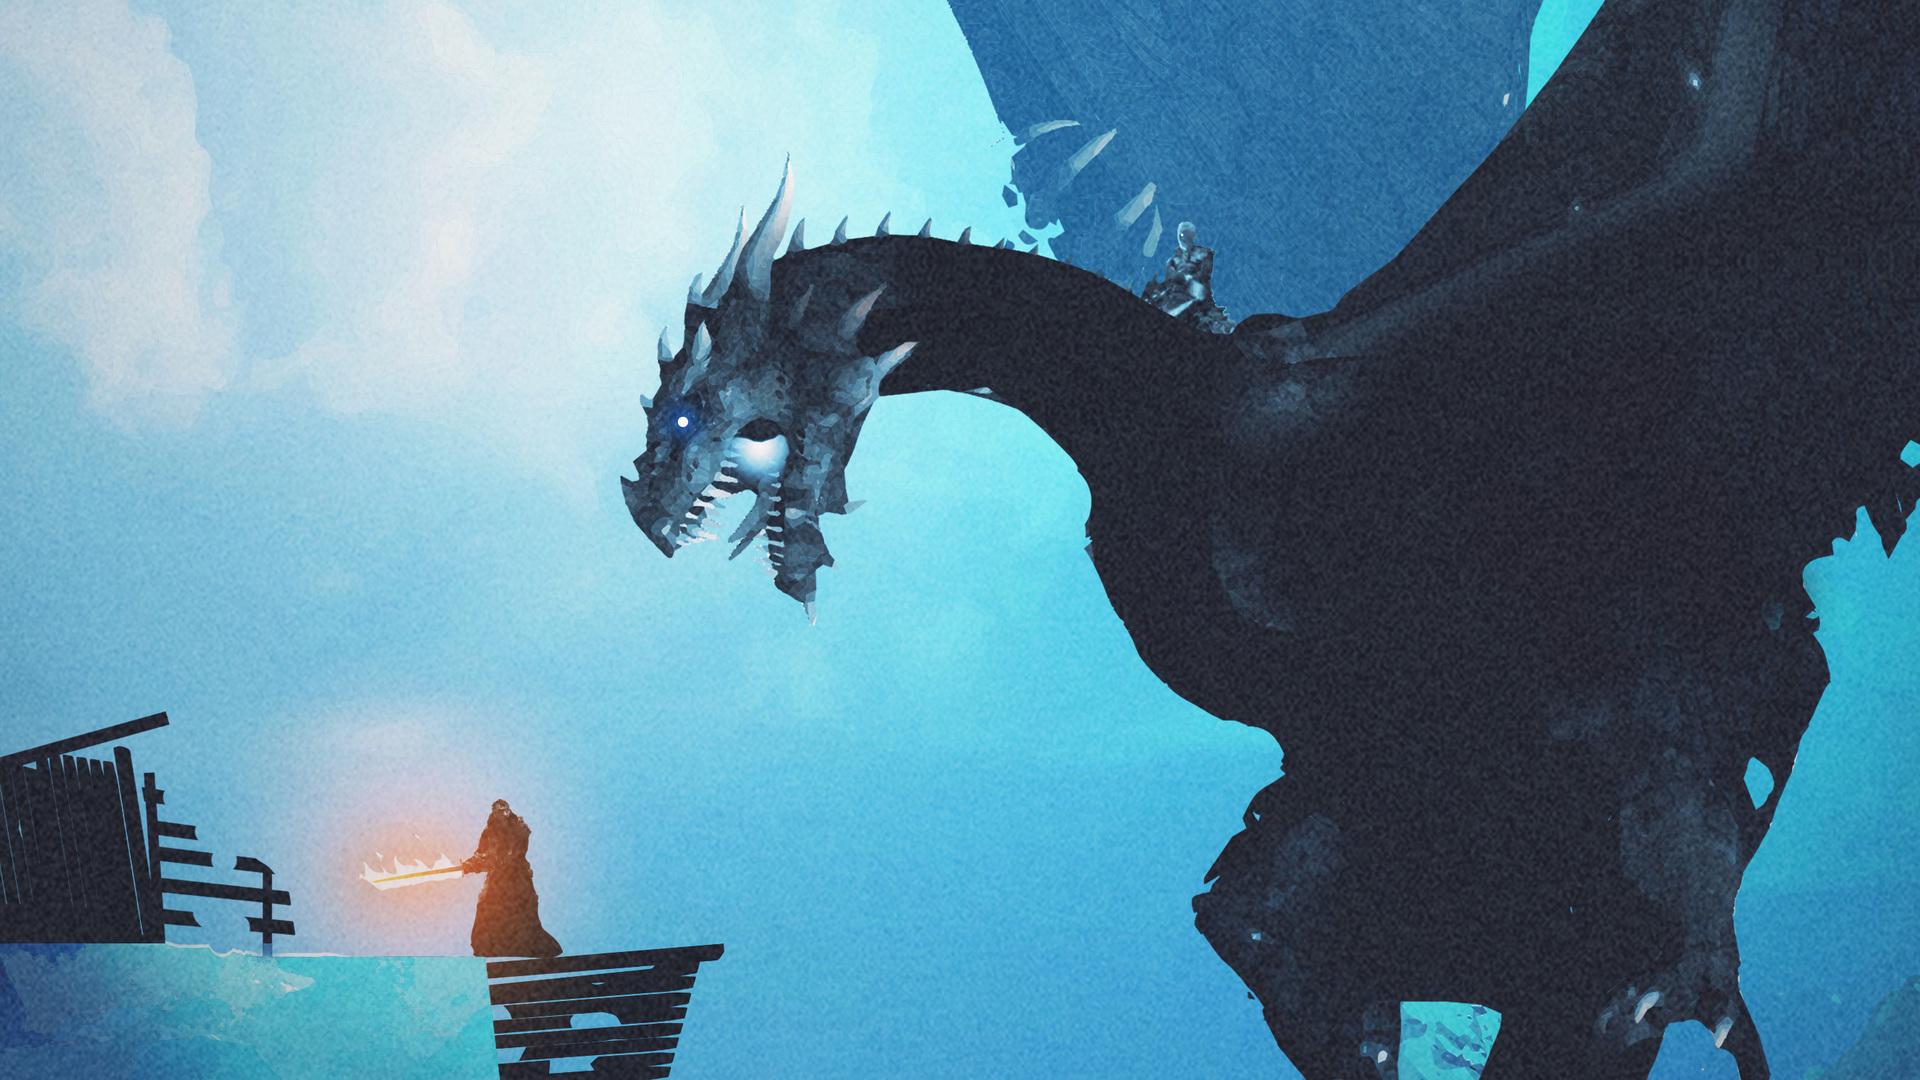 Fantastic Wallpaper Night Dragon - night-king-dragon-vs-lord-of-light-eb-1920x1080  2018.jpg